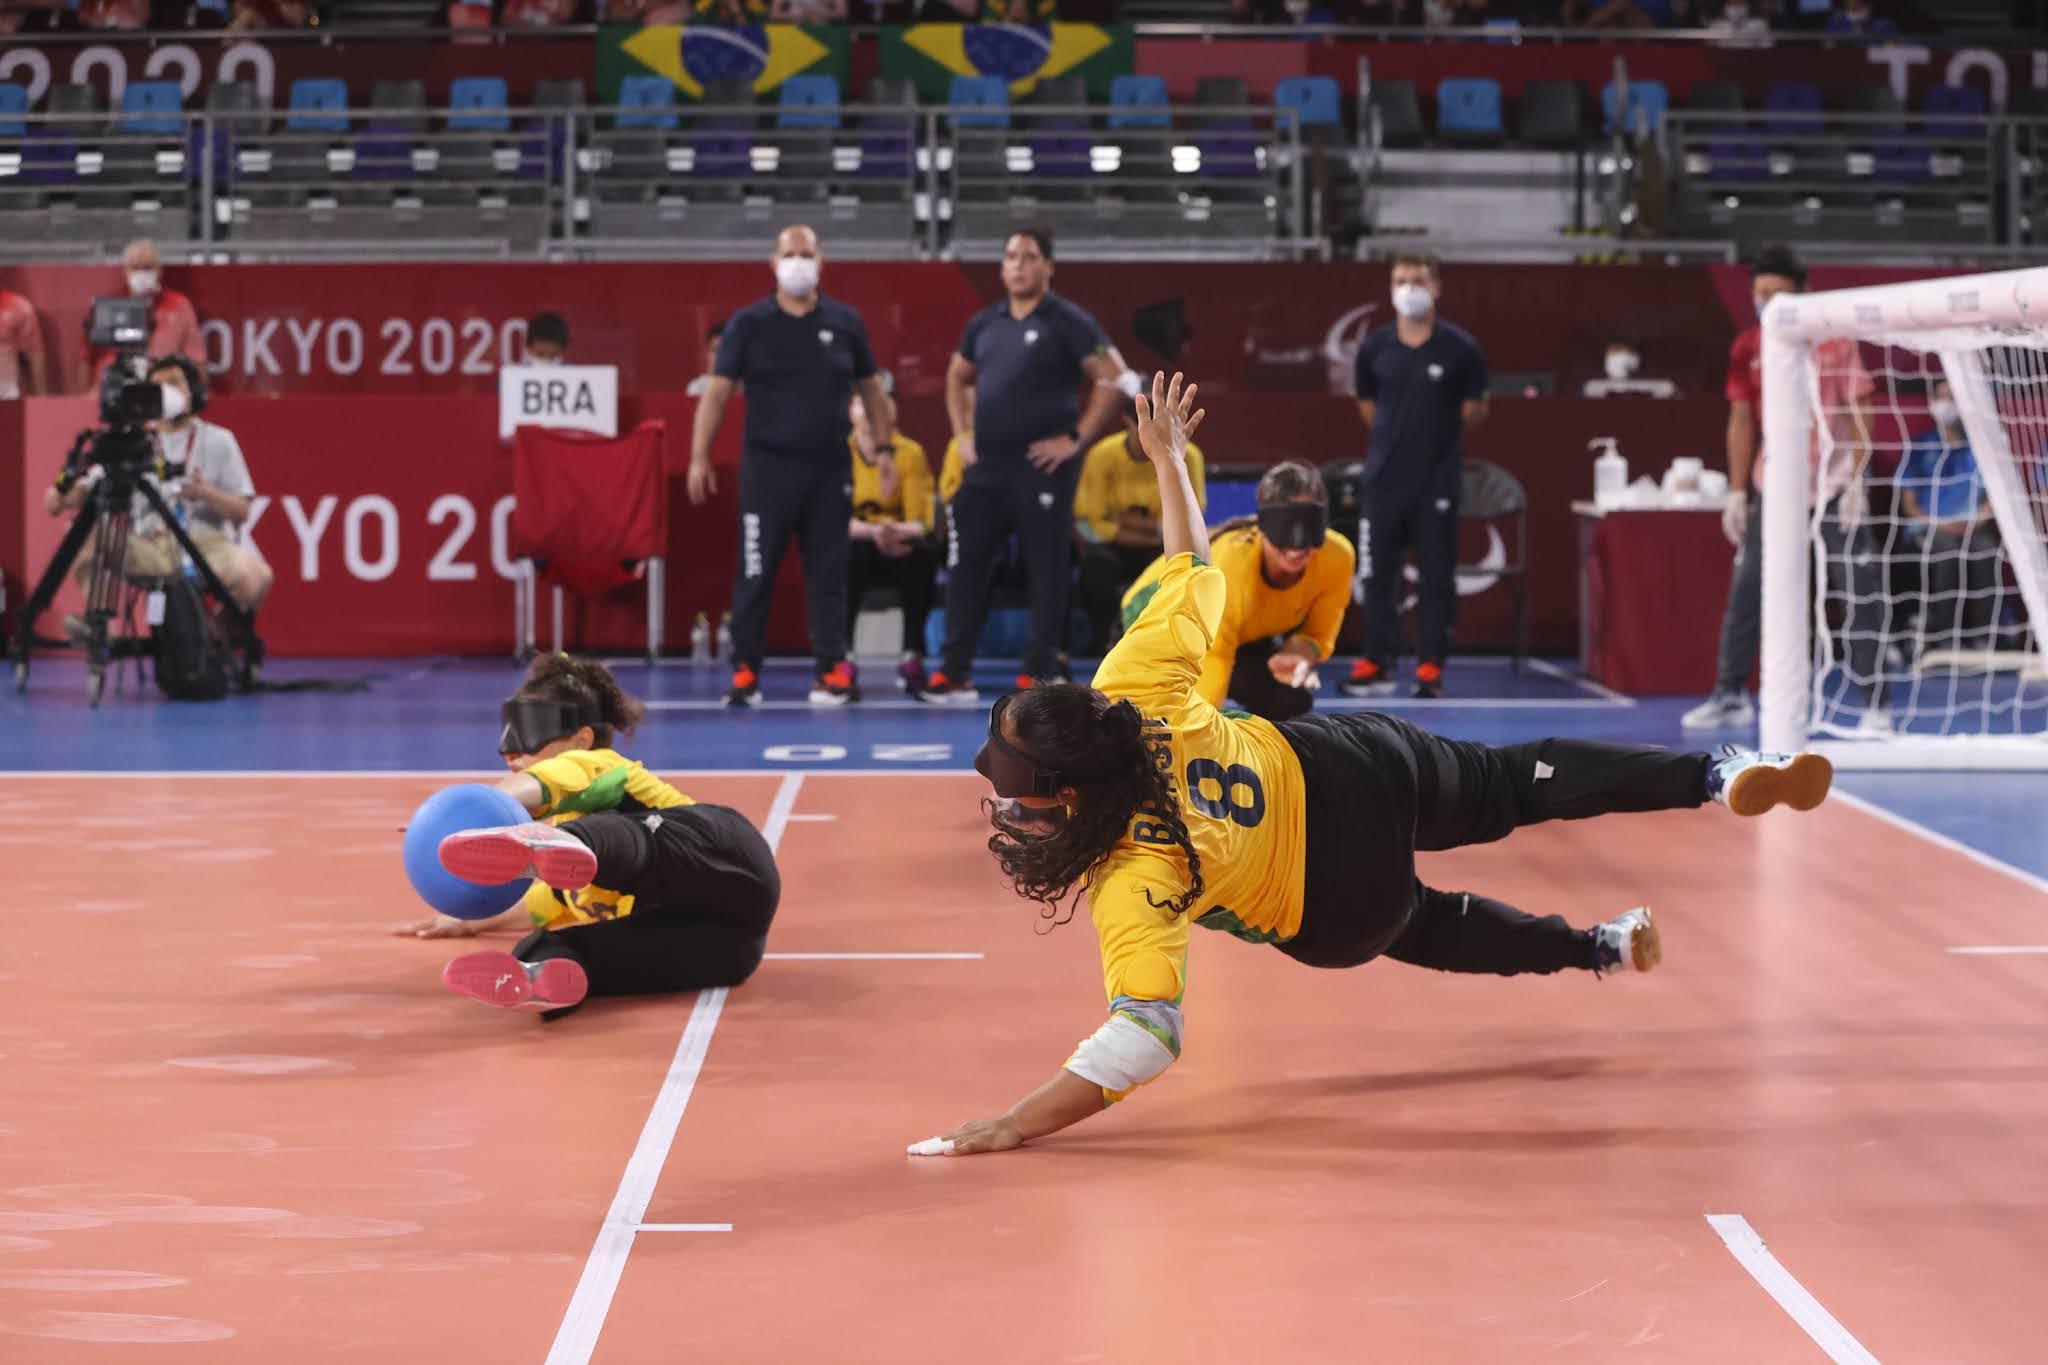 A jogadora Jéssica Gomes, de amarelo, salta deitada para tentar defender a bola em azul, que bate em sua companheira de equipe. O piso da quadra é laranja e a área técnica está ao fundo com piso azul